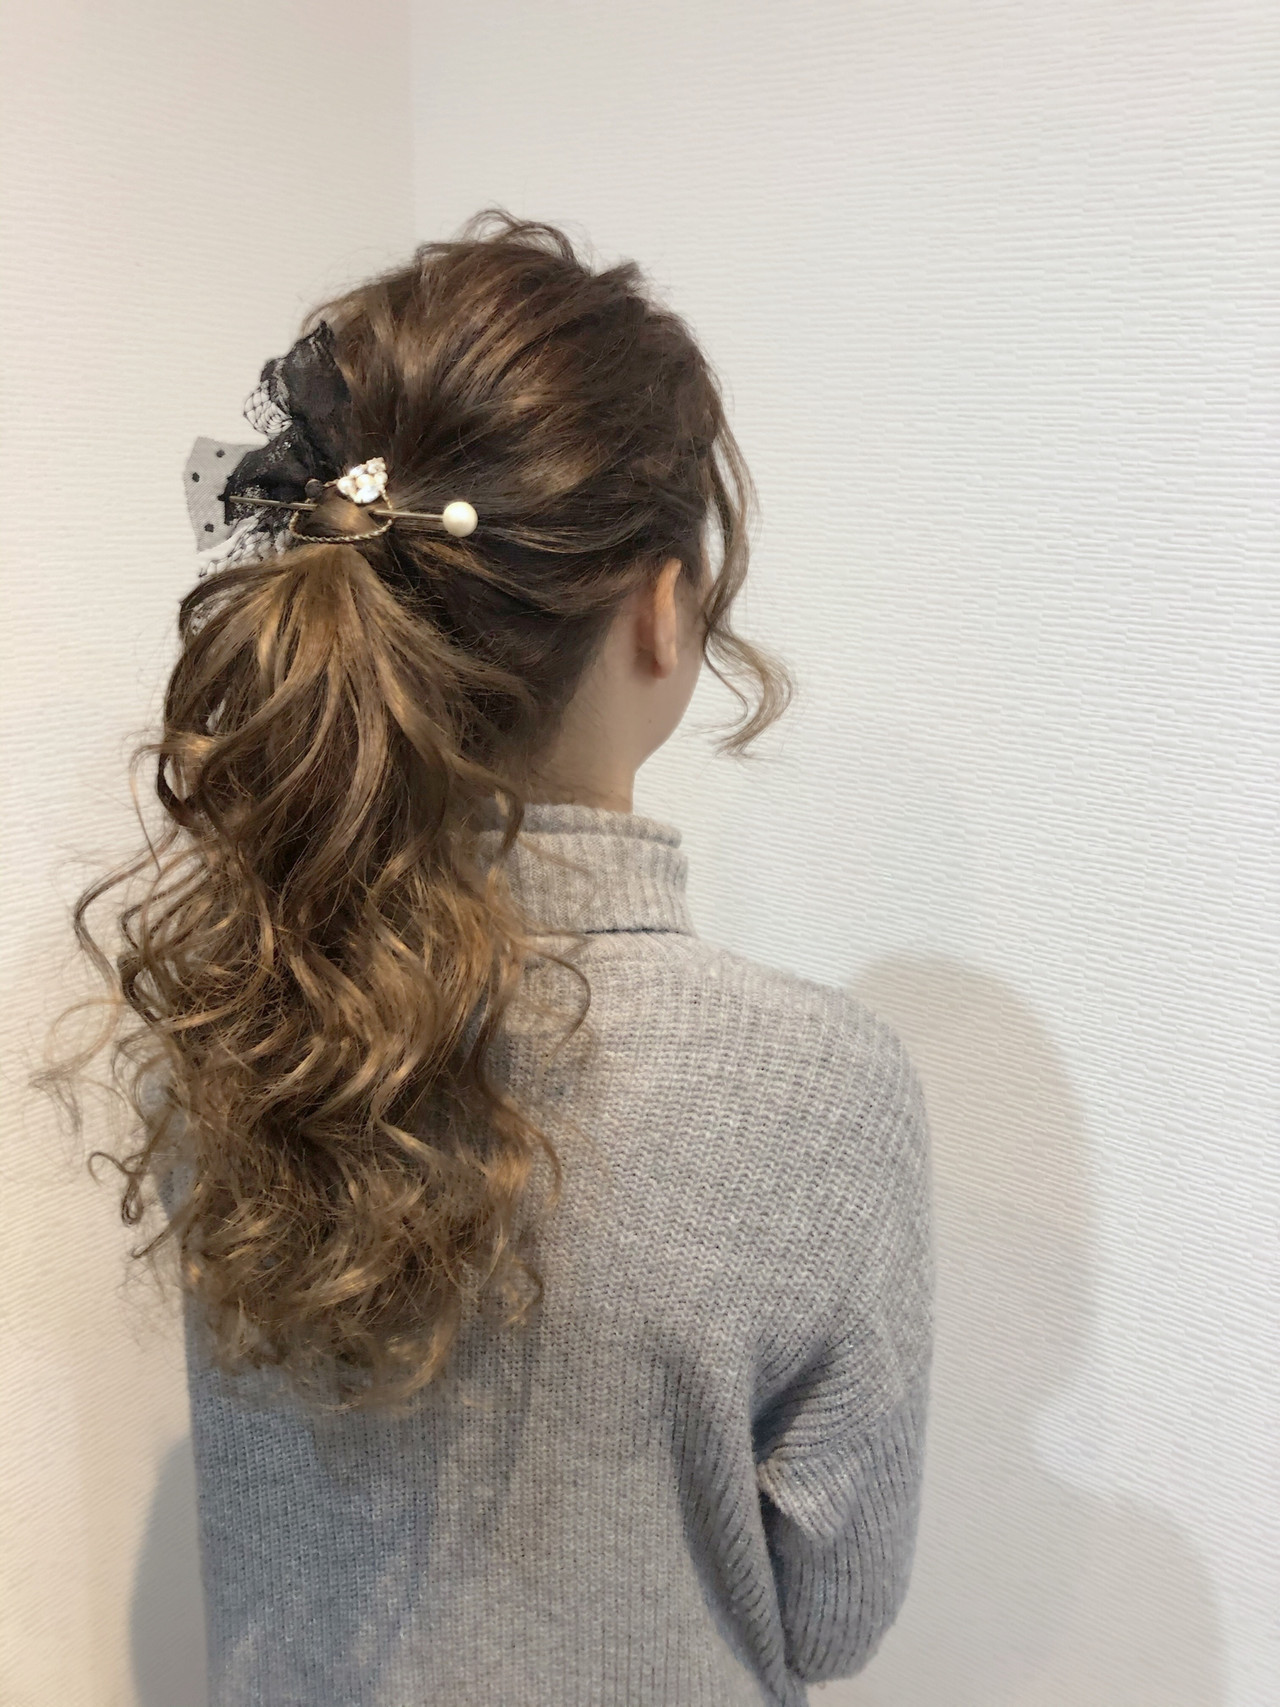 ポニーテール 結婚式 ポニーテールアレンジ ヘアセット ヘアスタイルや髪型の写真・画像